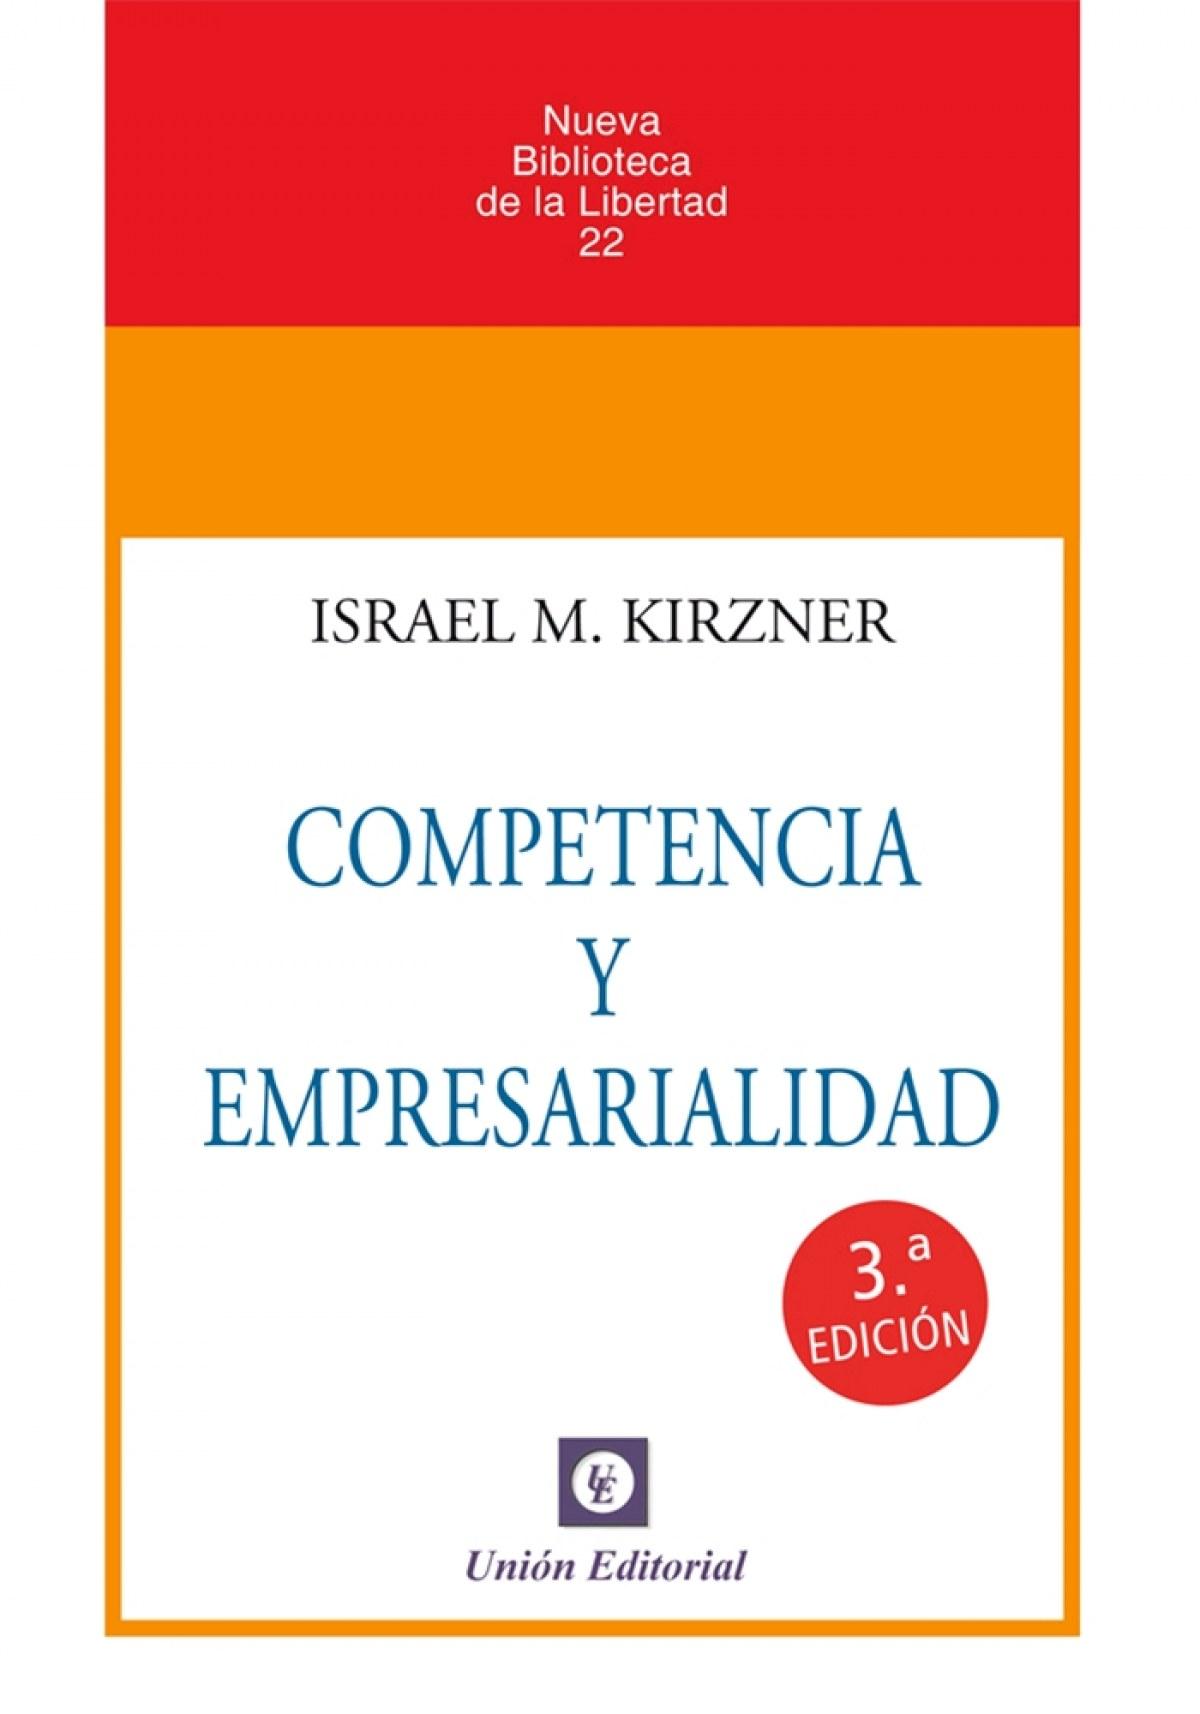 COMPETENCIA Y EMPRESARIALIDAD 3'ED